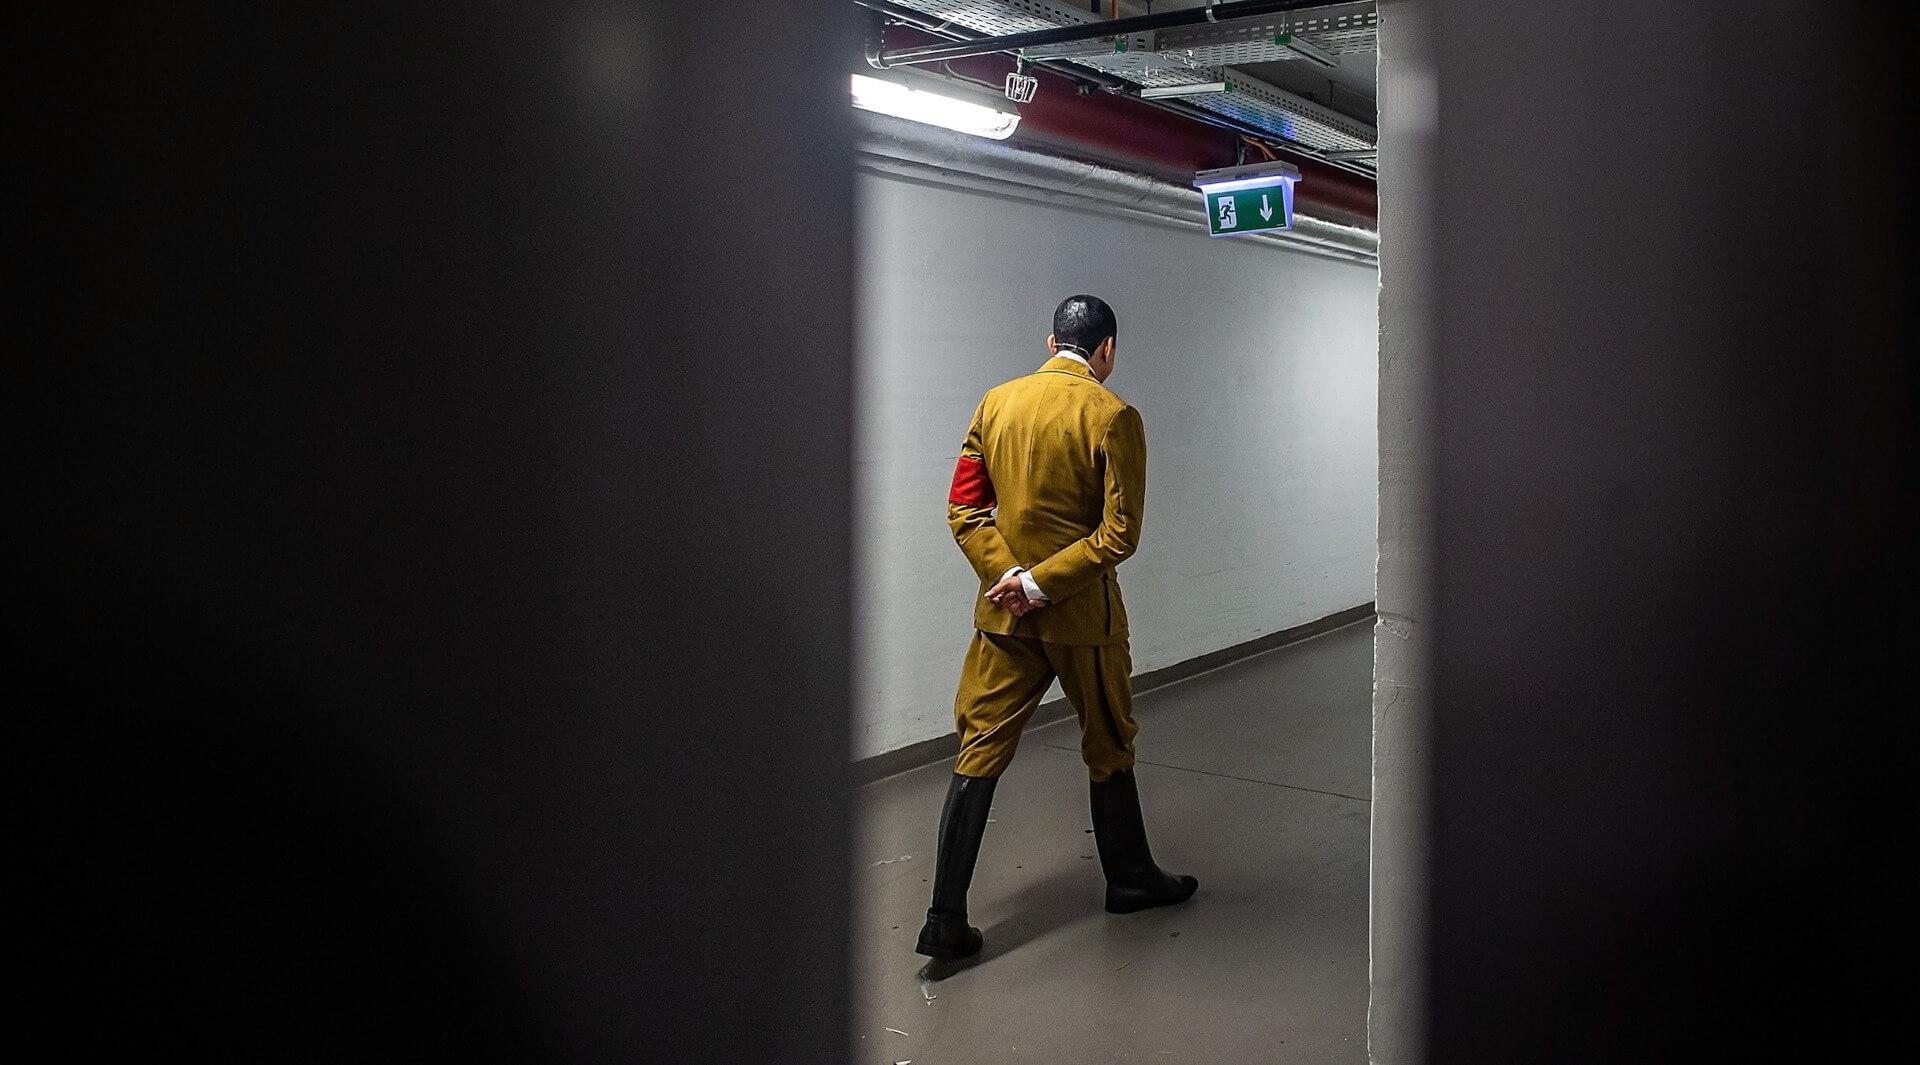 """""""Wrócił"""", fot. Przemysław Jendroska, Timur Vermes """"On wrócił"""", reż. Robert Talarczyk, Teatr Śląski im. St. Wyspiańskiego w Katowicach, 2020, źródło: mat. pras."""